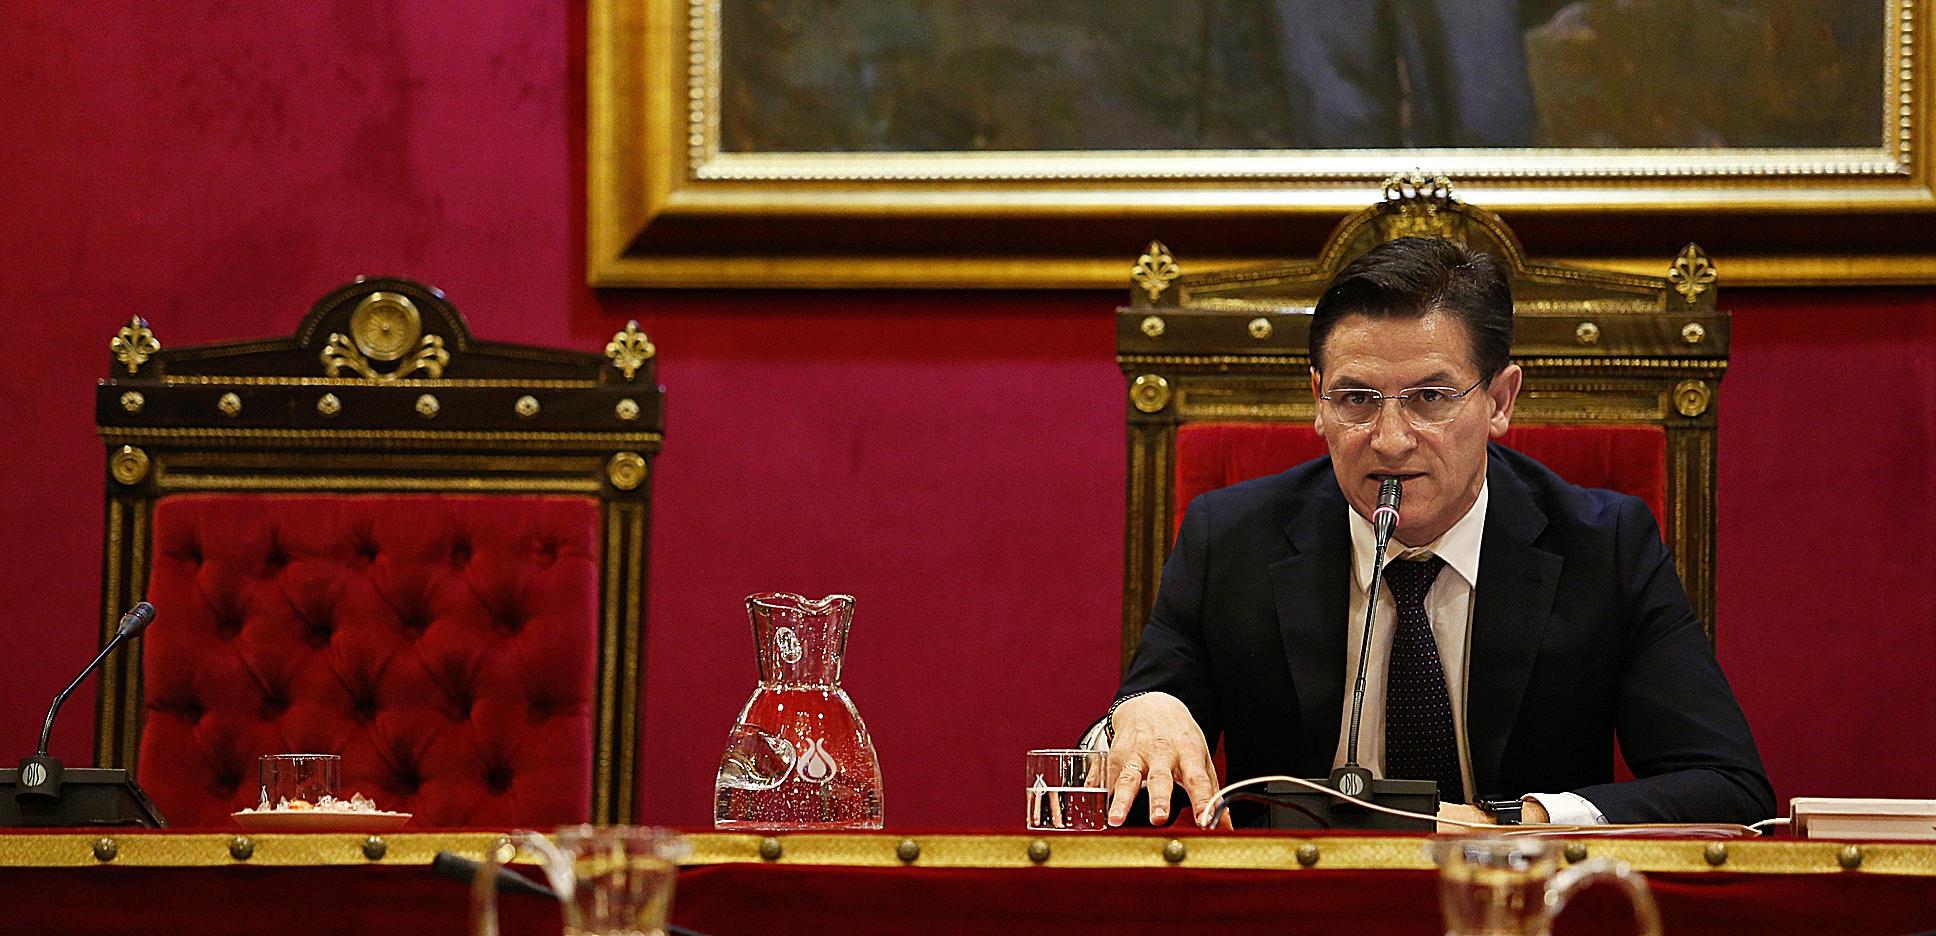 El alcalde de Granada, Luis Salvador, de Ciudadanos, en el salón de plenos del Ayuntamiento de la capital granadina.